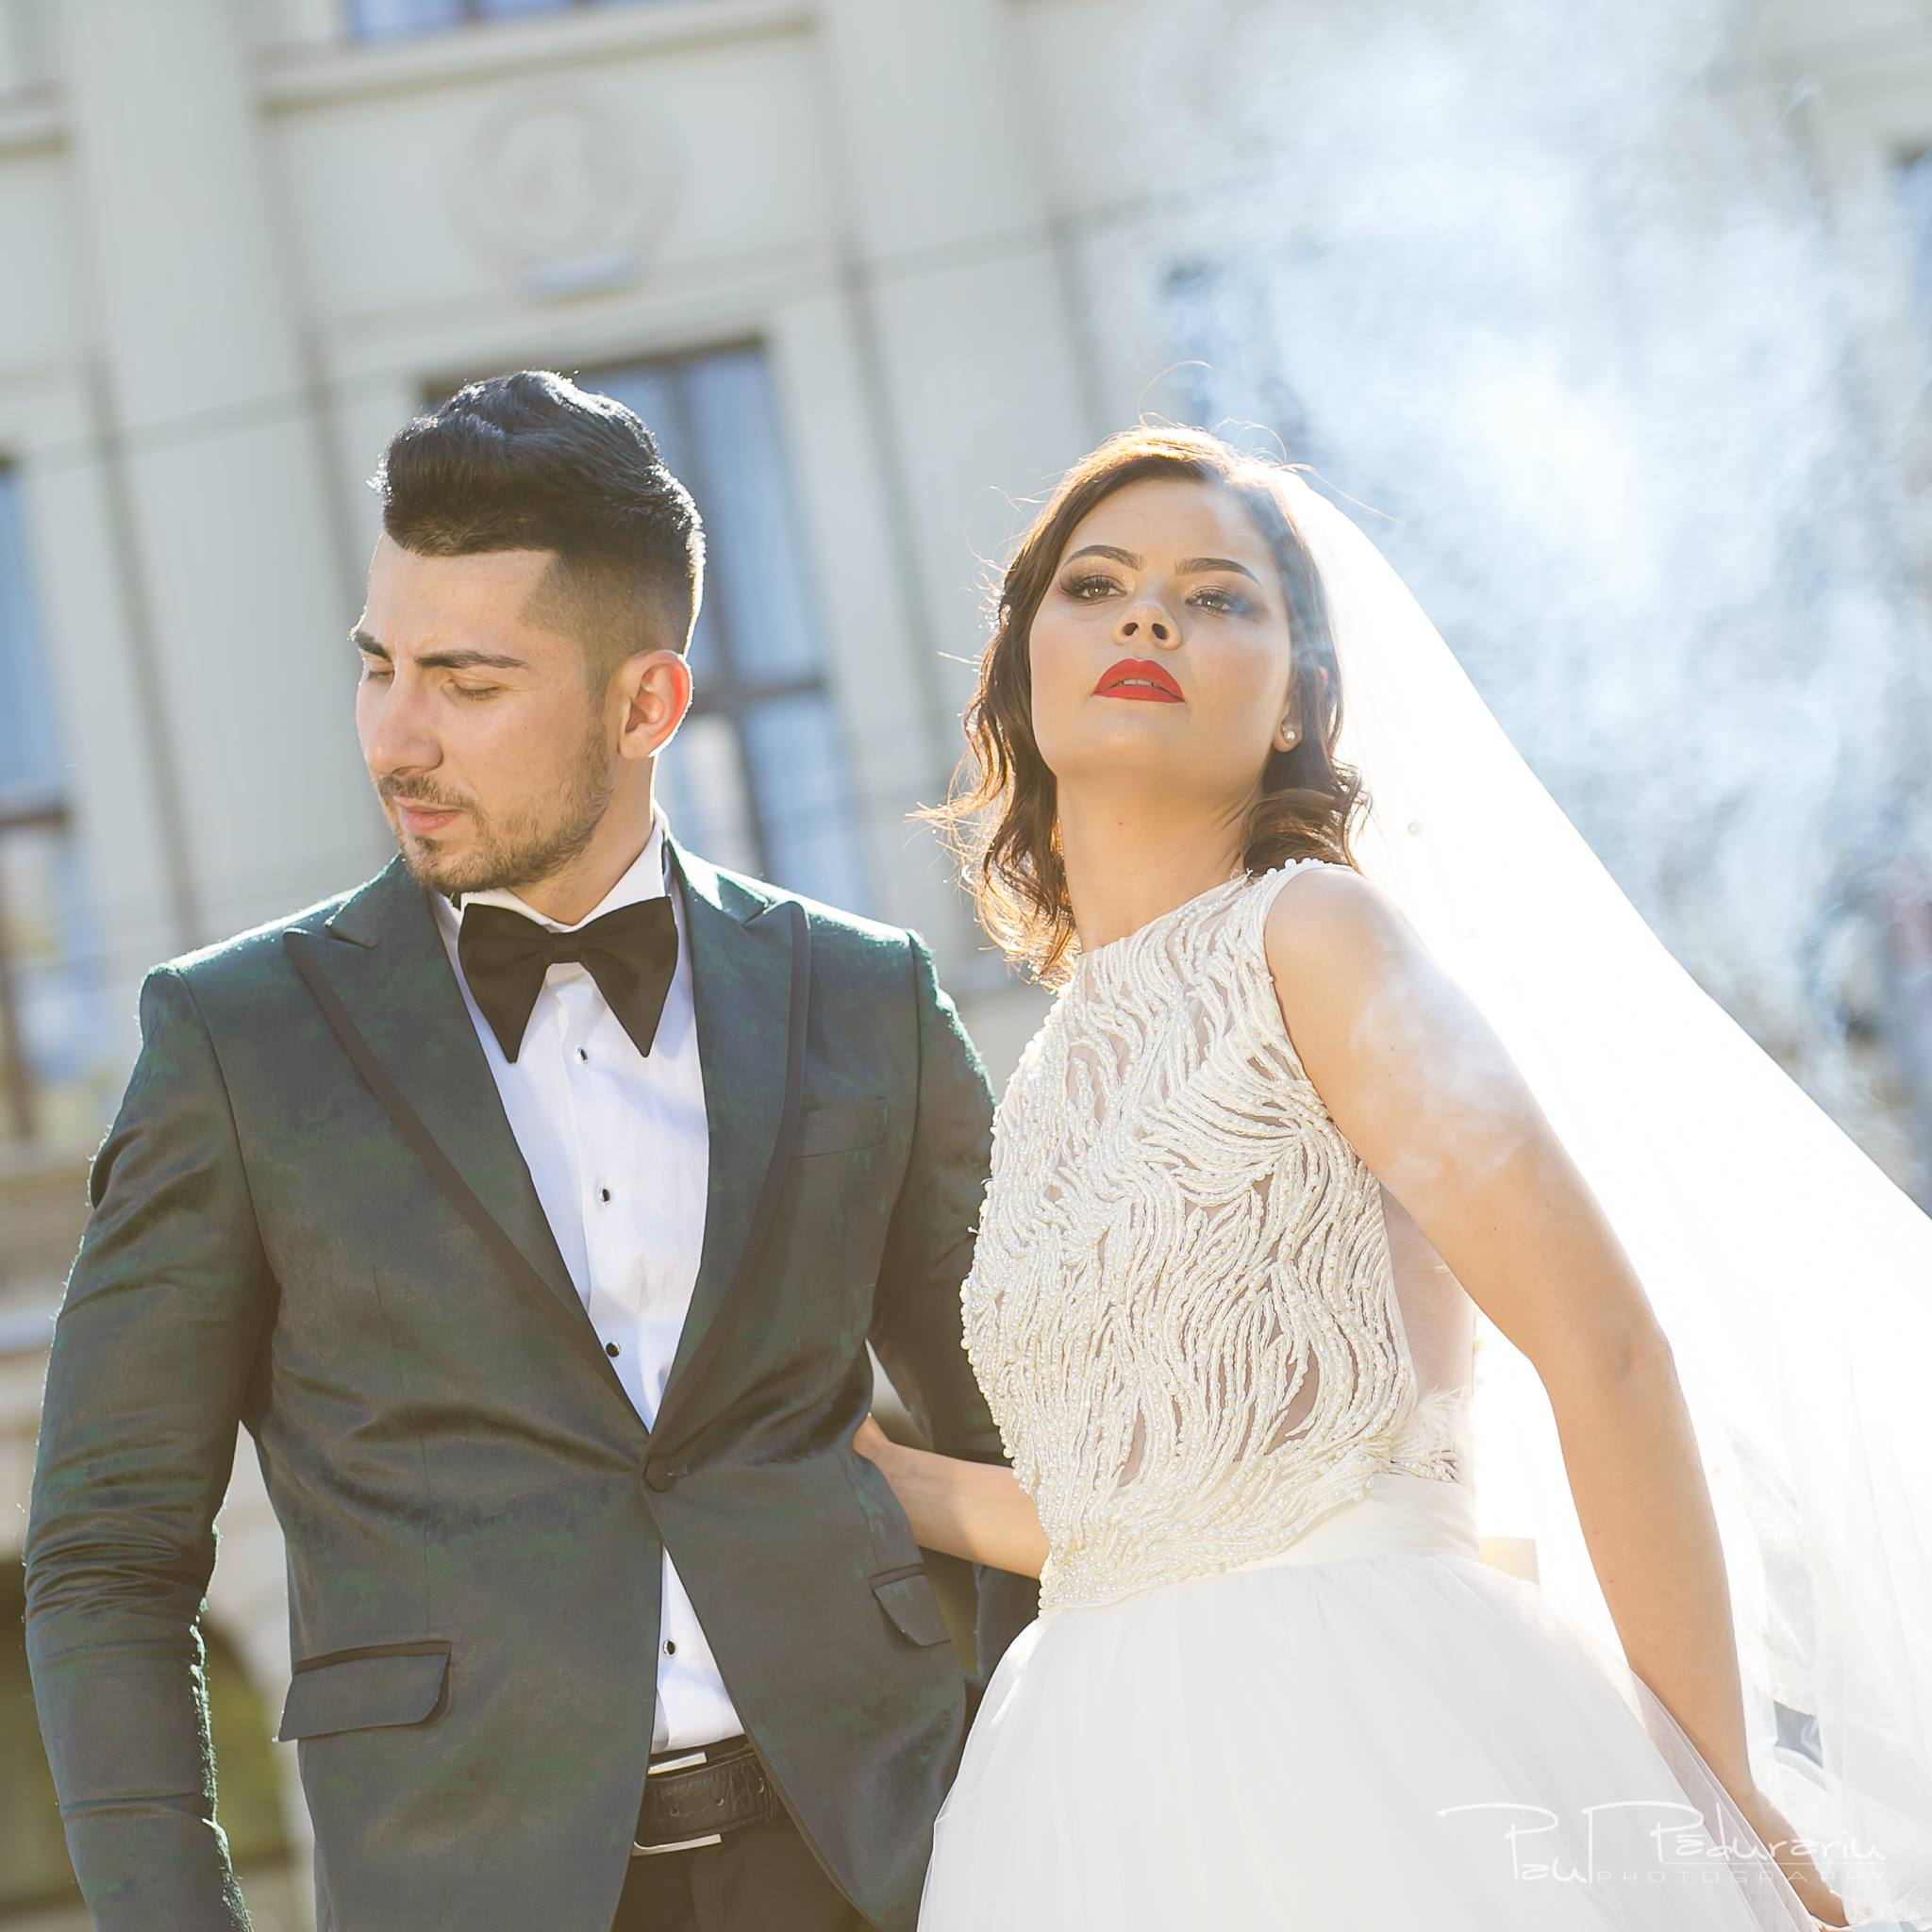 Antonia si Alin nunta Traian Iasi 2018 paul padurariu fotograf de nunta iasi